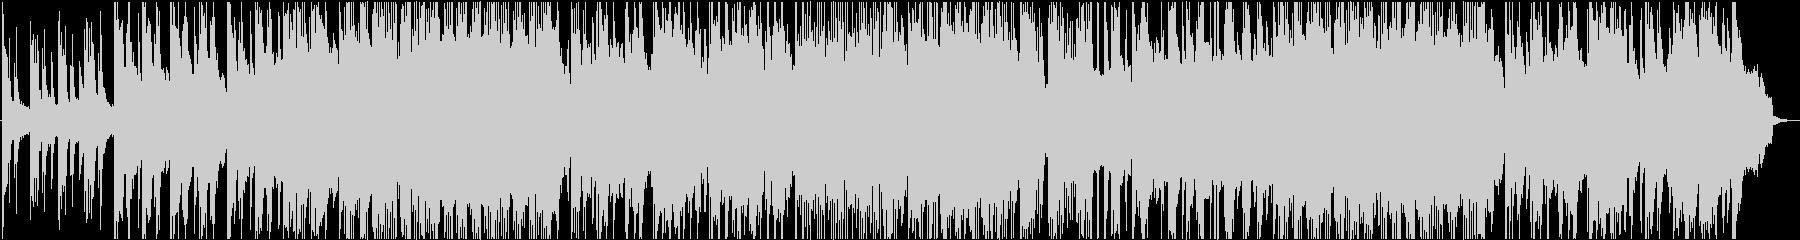 ミドルテンポくらいの、ほぼピアノのソロの未再生の波形